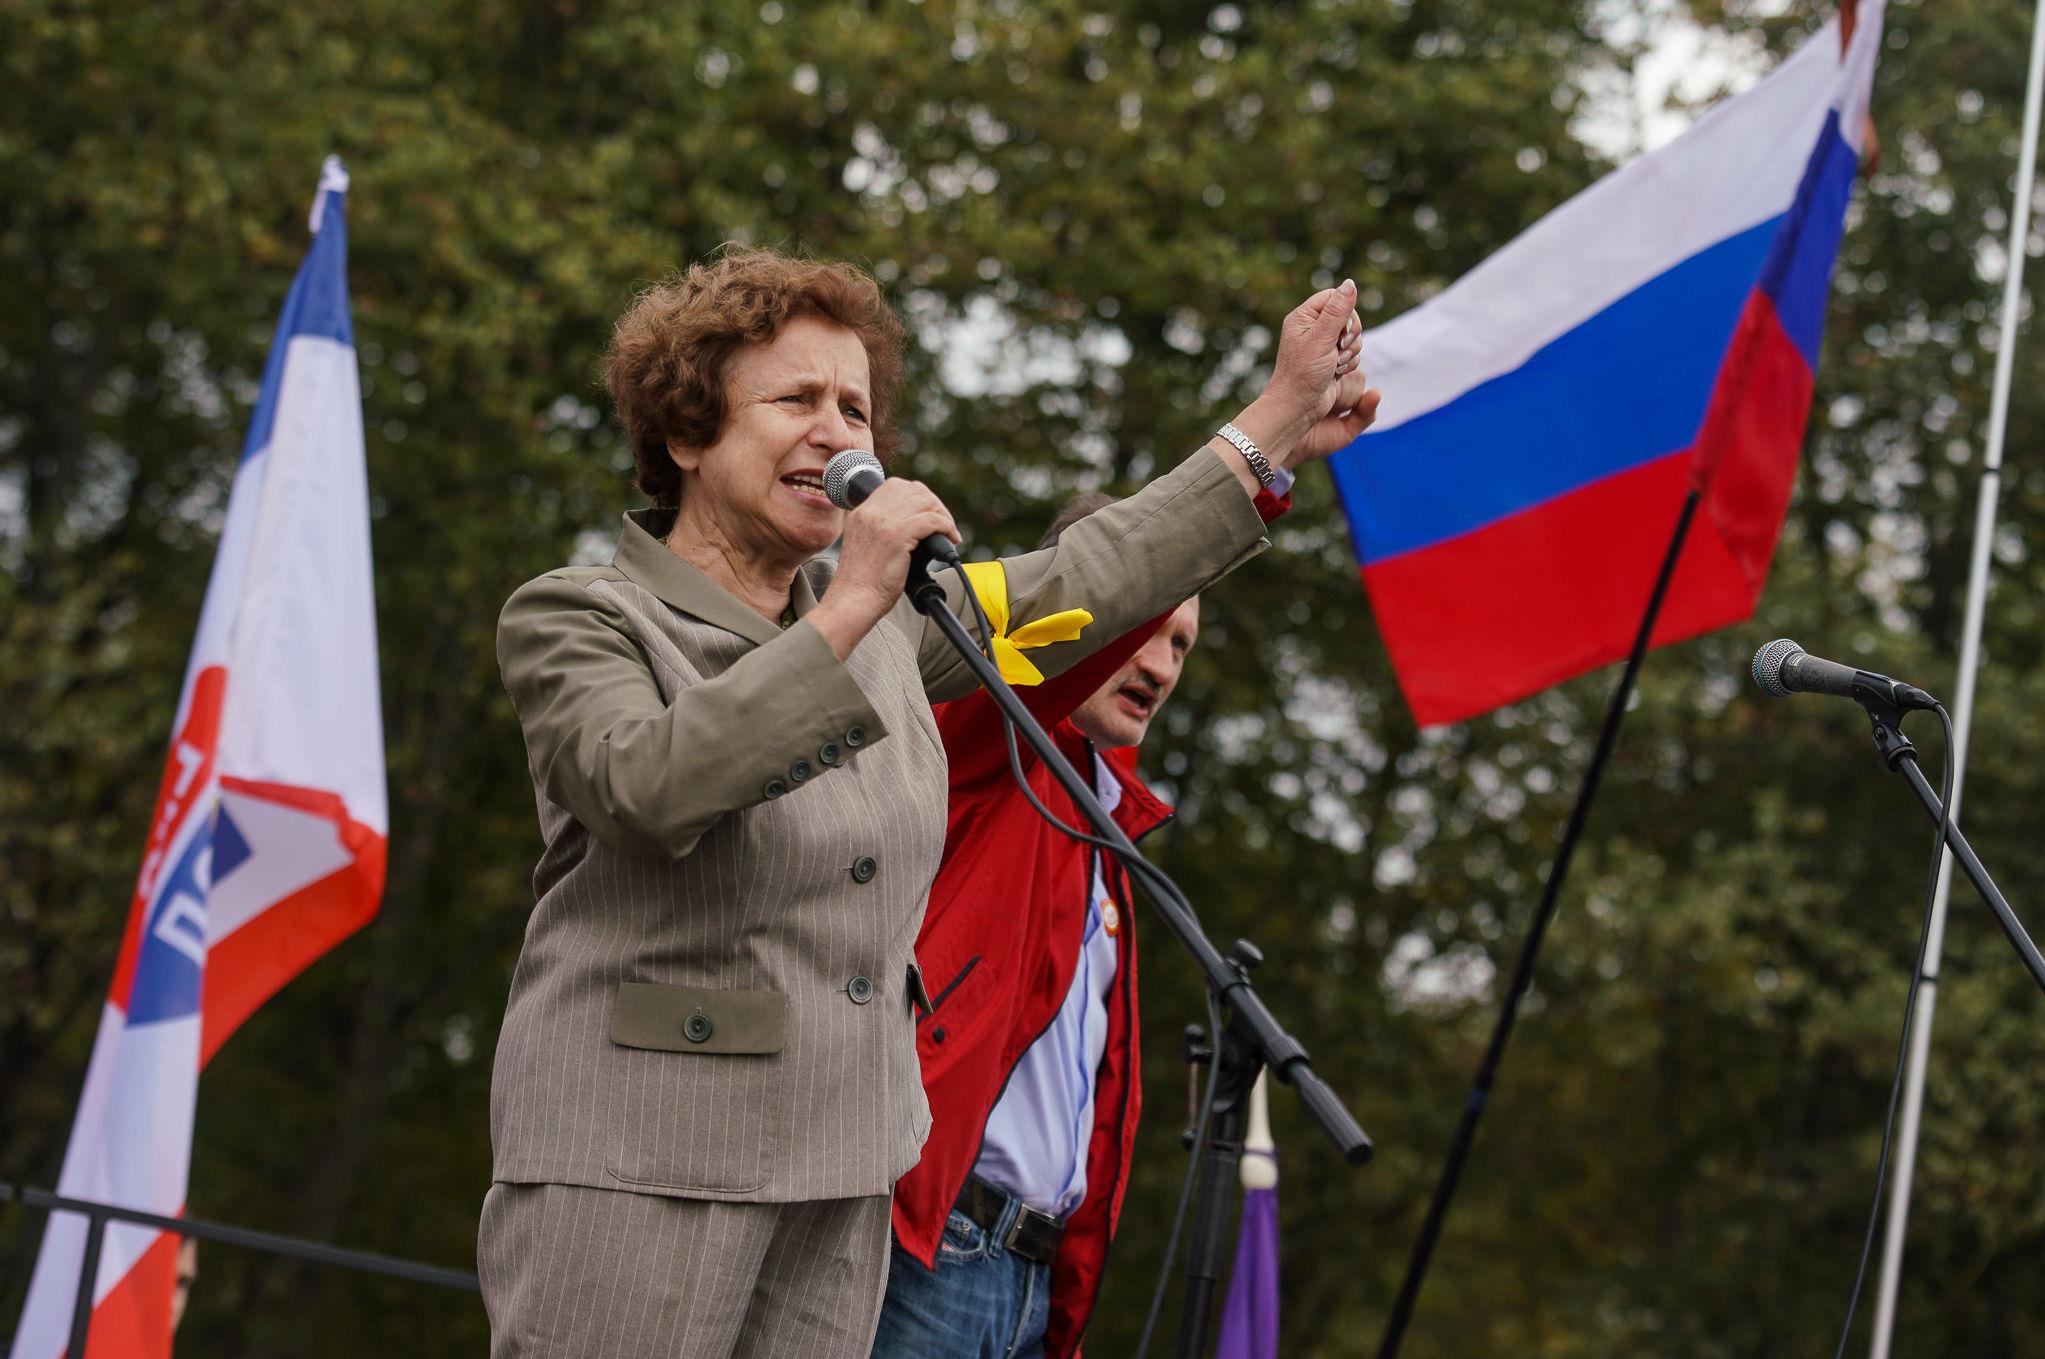 Татьяна Жданок на Марше за русские школы в Риге, 15 сентября 2018